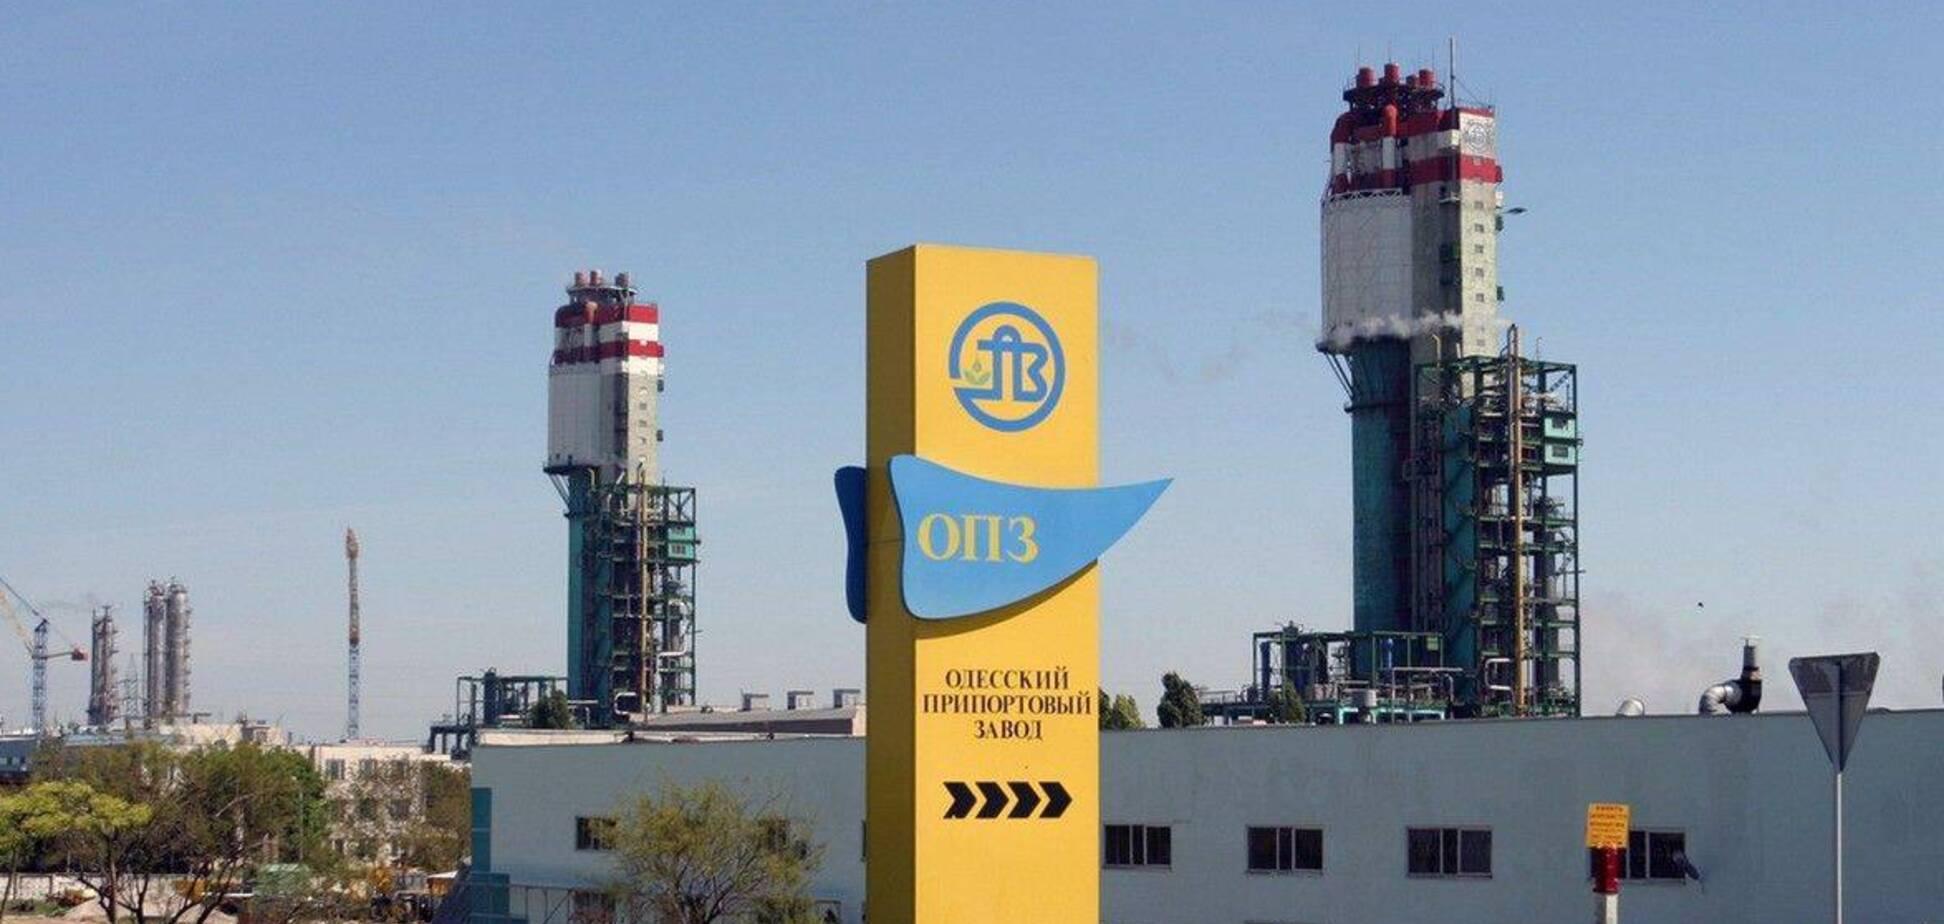 На ОПЗ заявляют о давлении на членов Правления предприятия (фото: Союз блоггеров Украины)